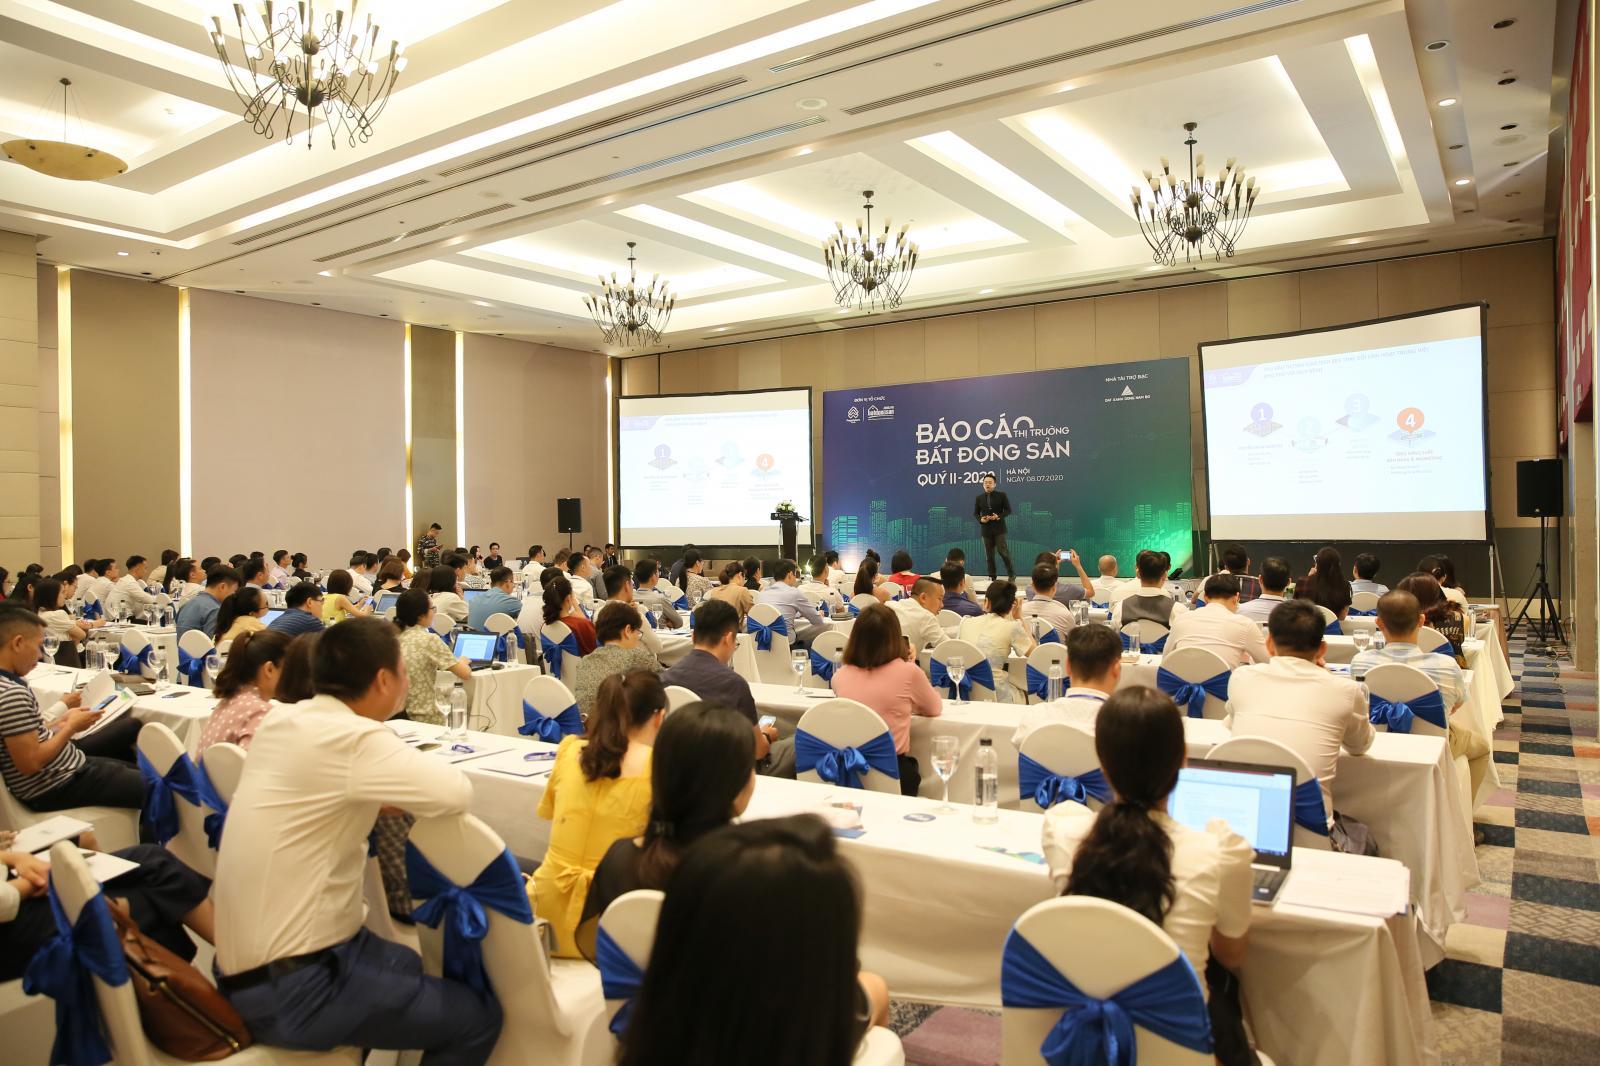 Nhiều người tham dự công bố báo cáo thị trường bất động sản quý 2/2020.